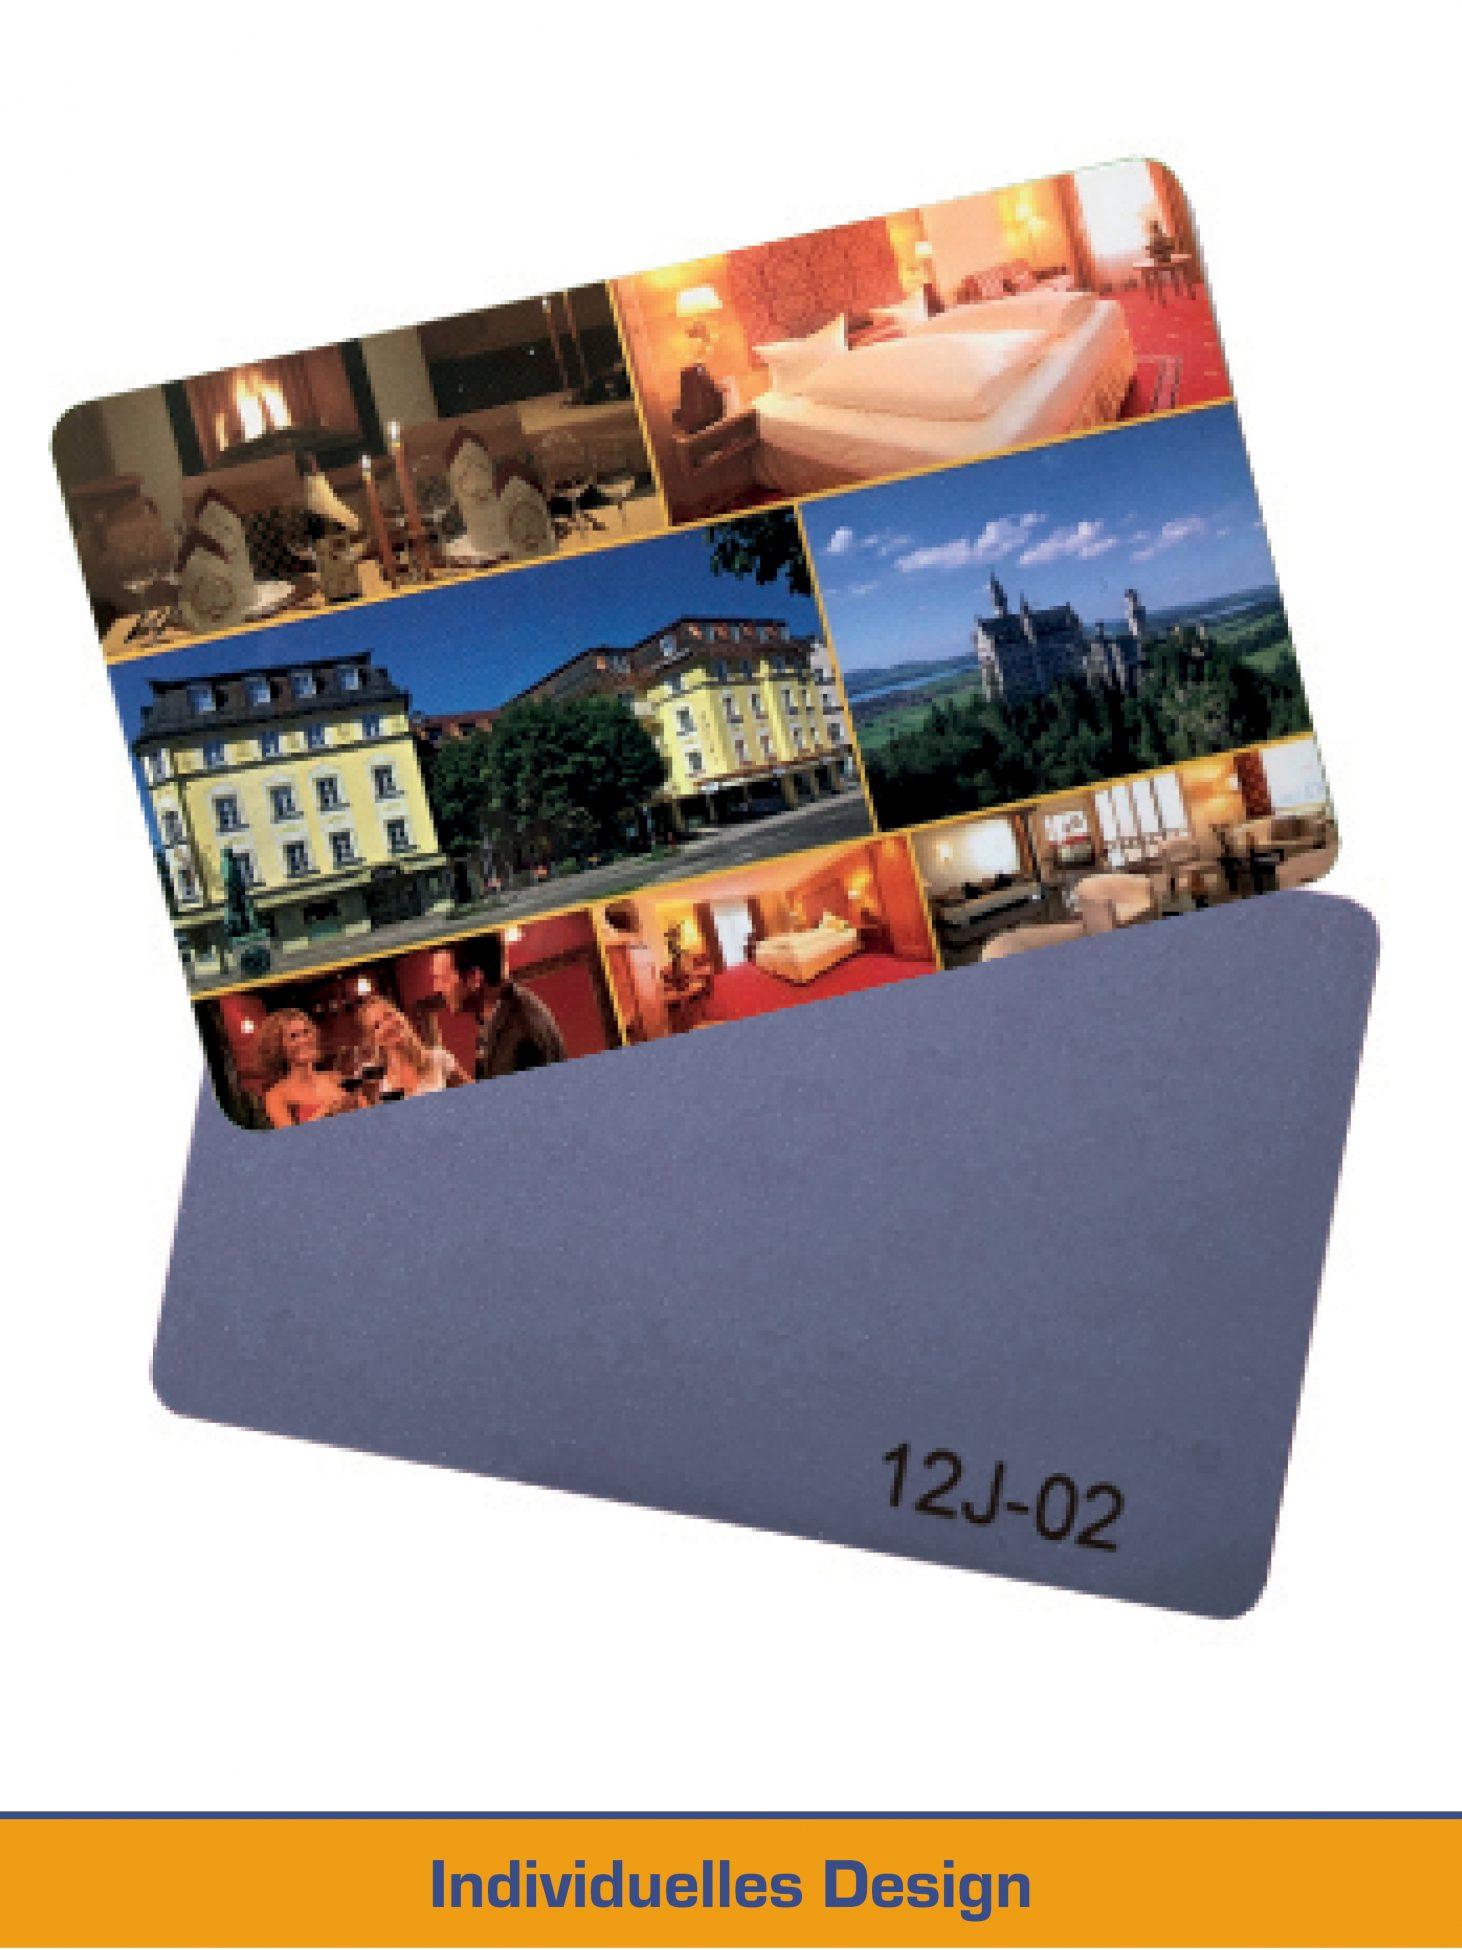 Personalisierte RFID Schlüsselkarten für Hotels